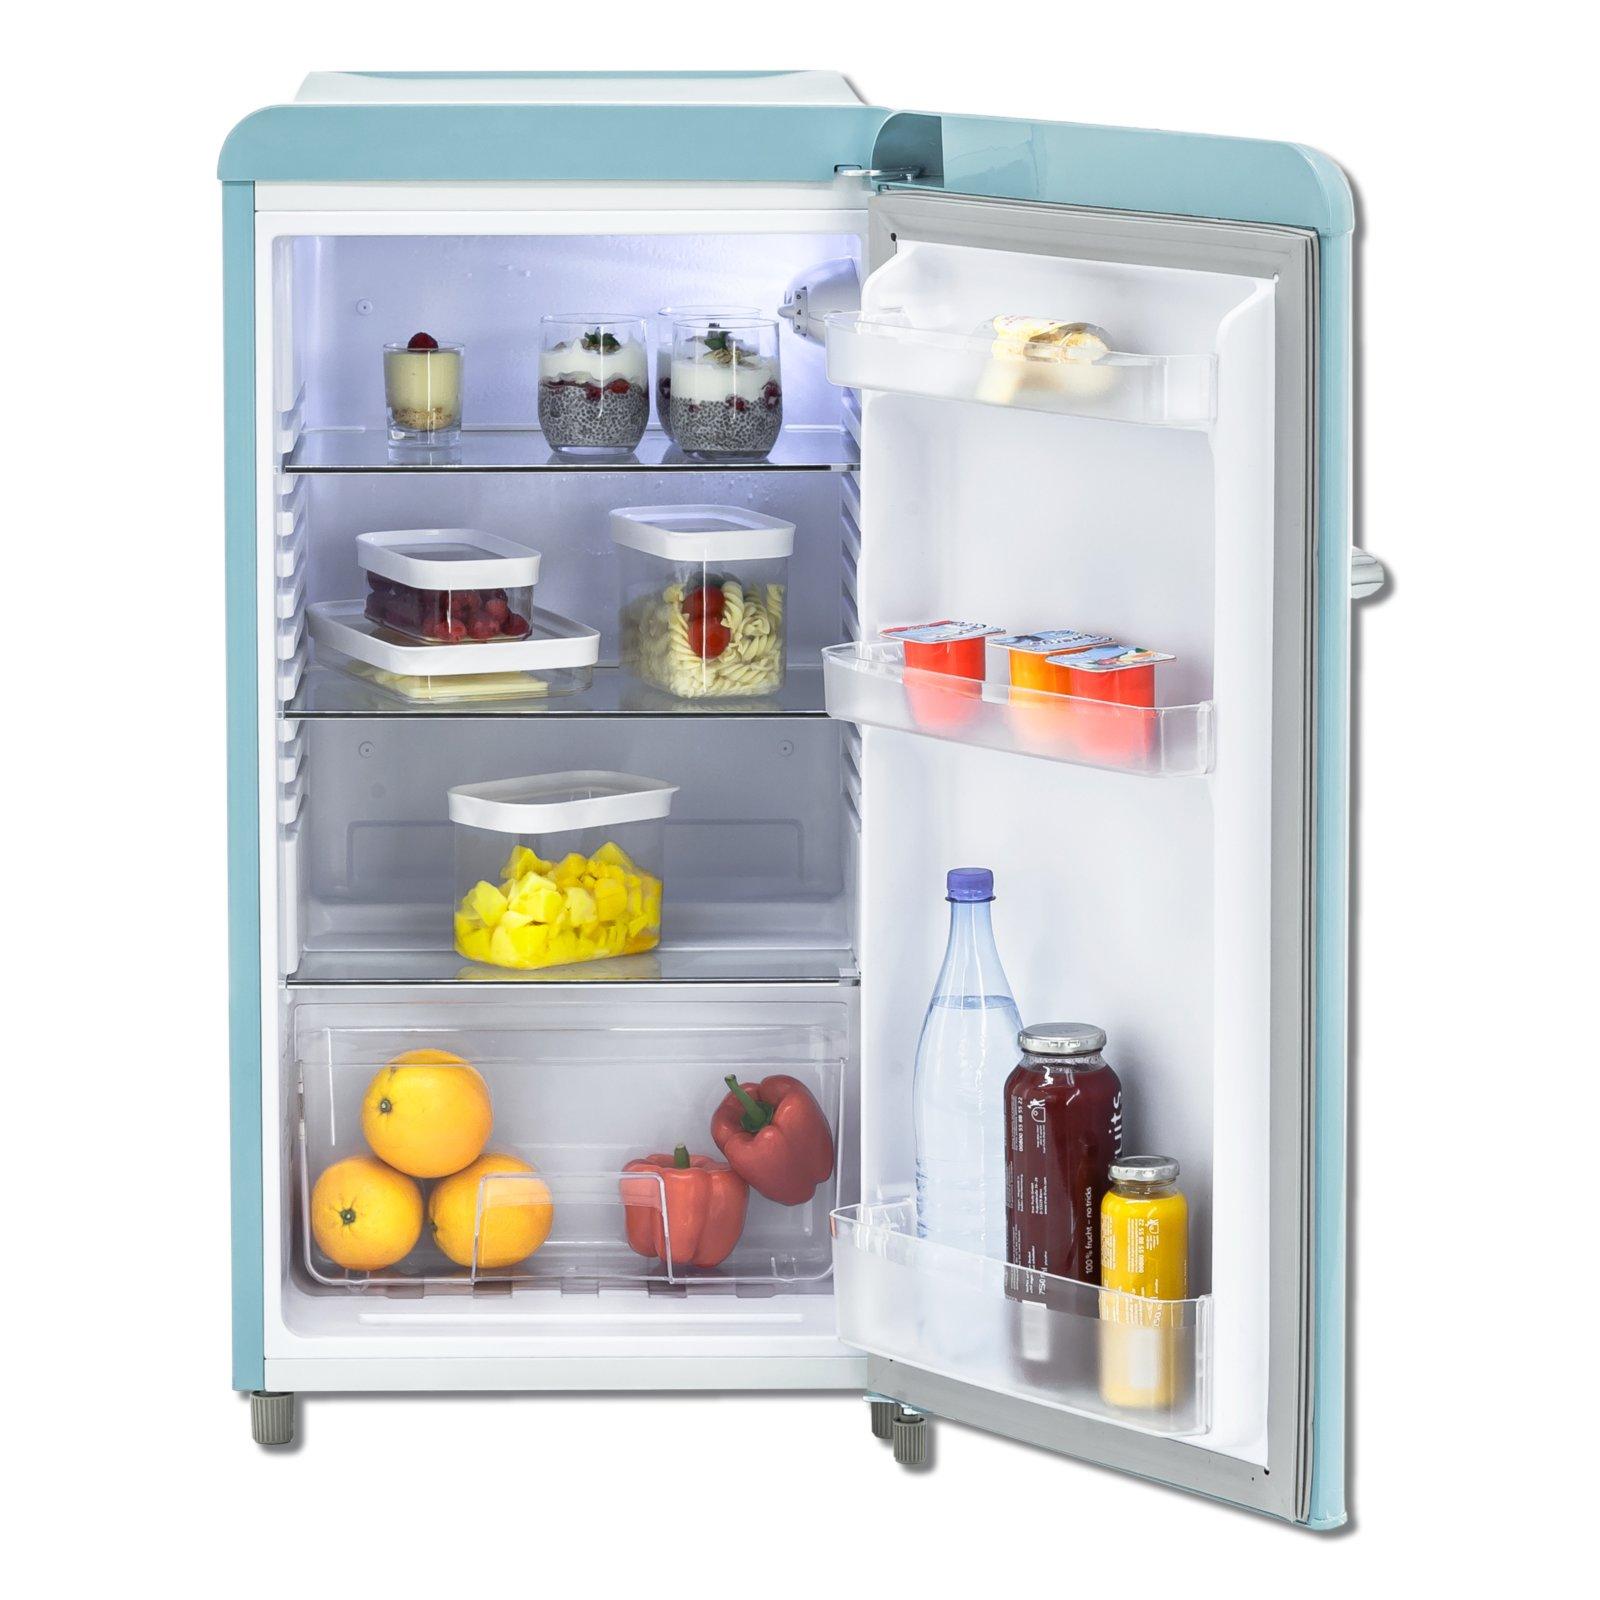 Kenmore Kühlschrank-Hersteller haken auf Drücken der beste Freundin